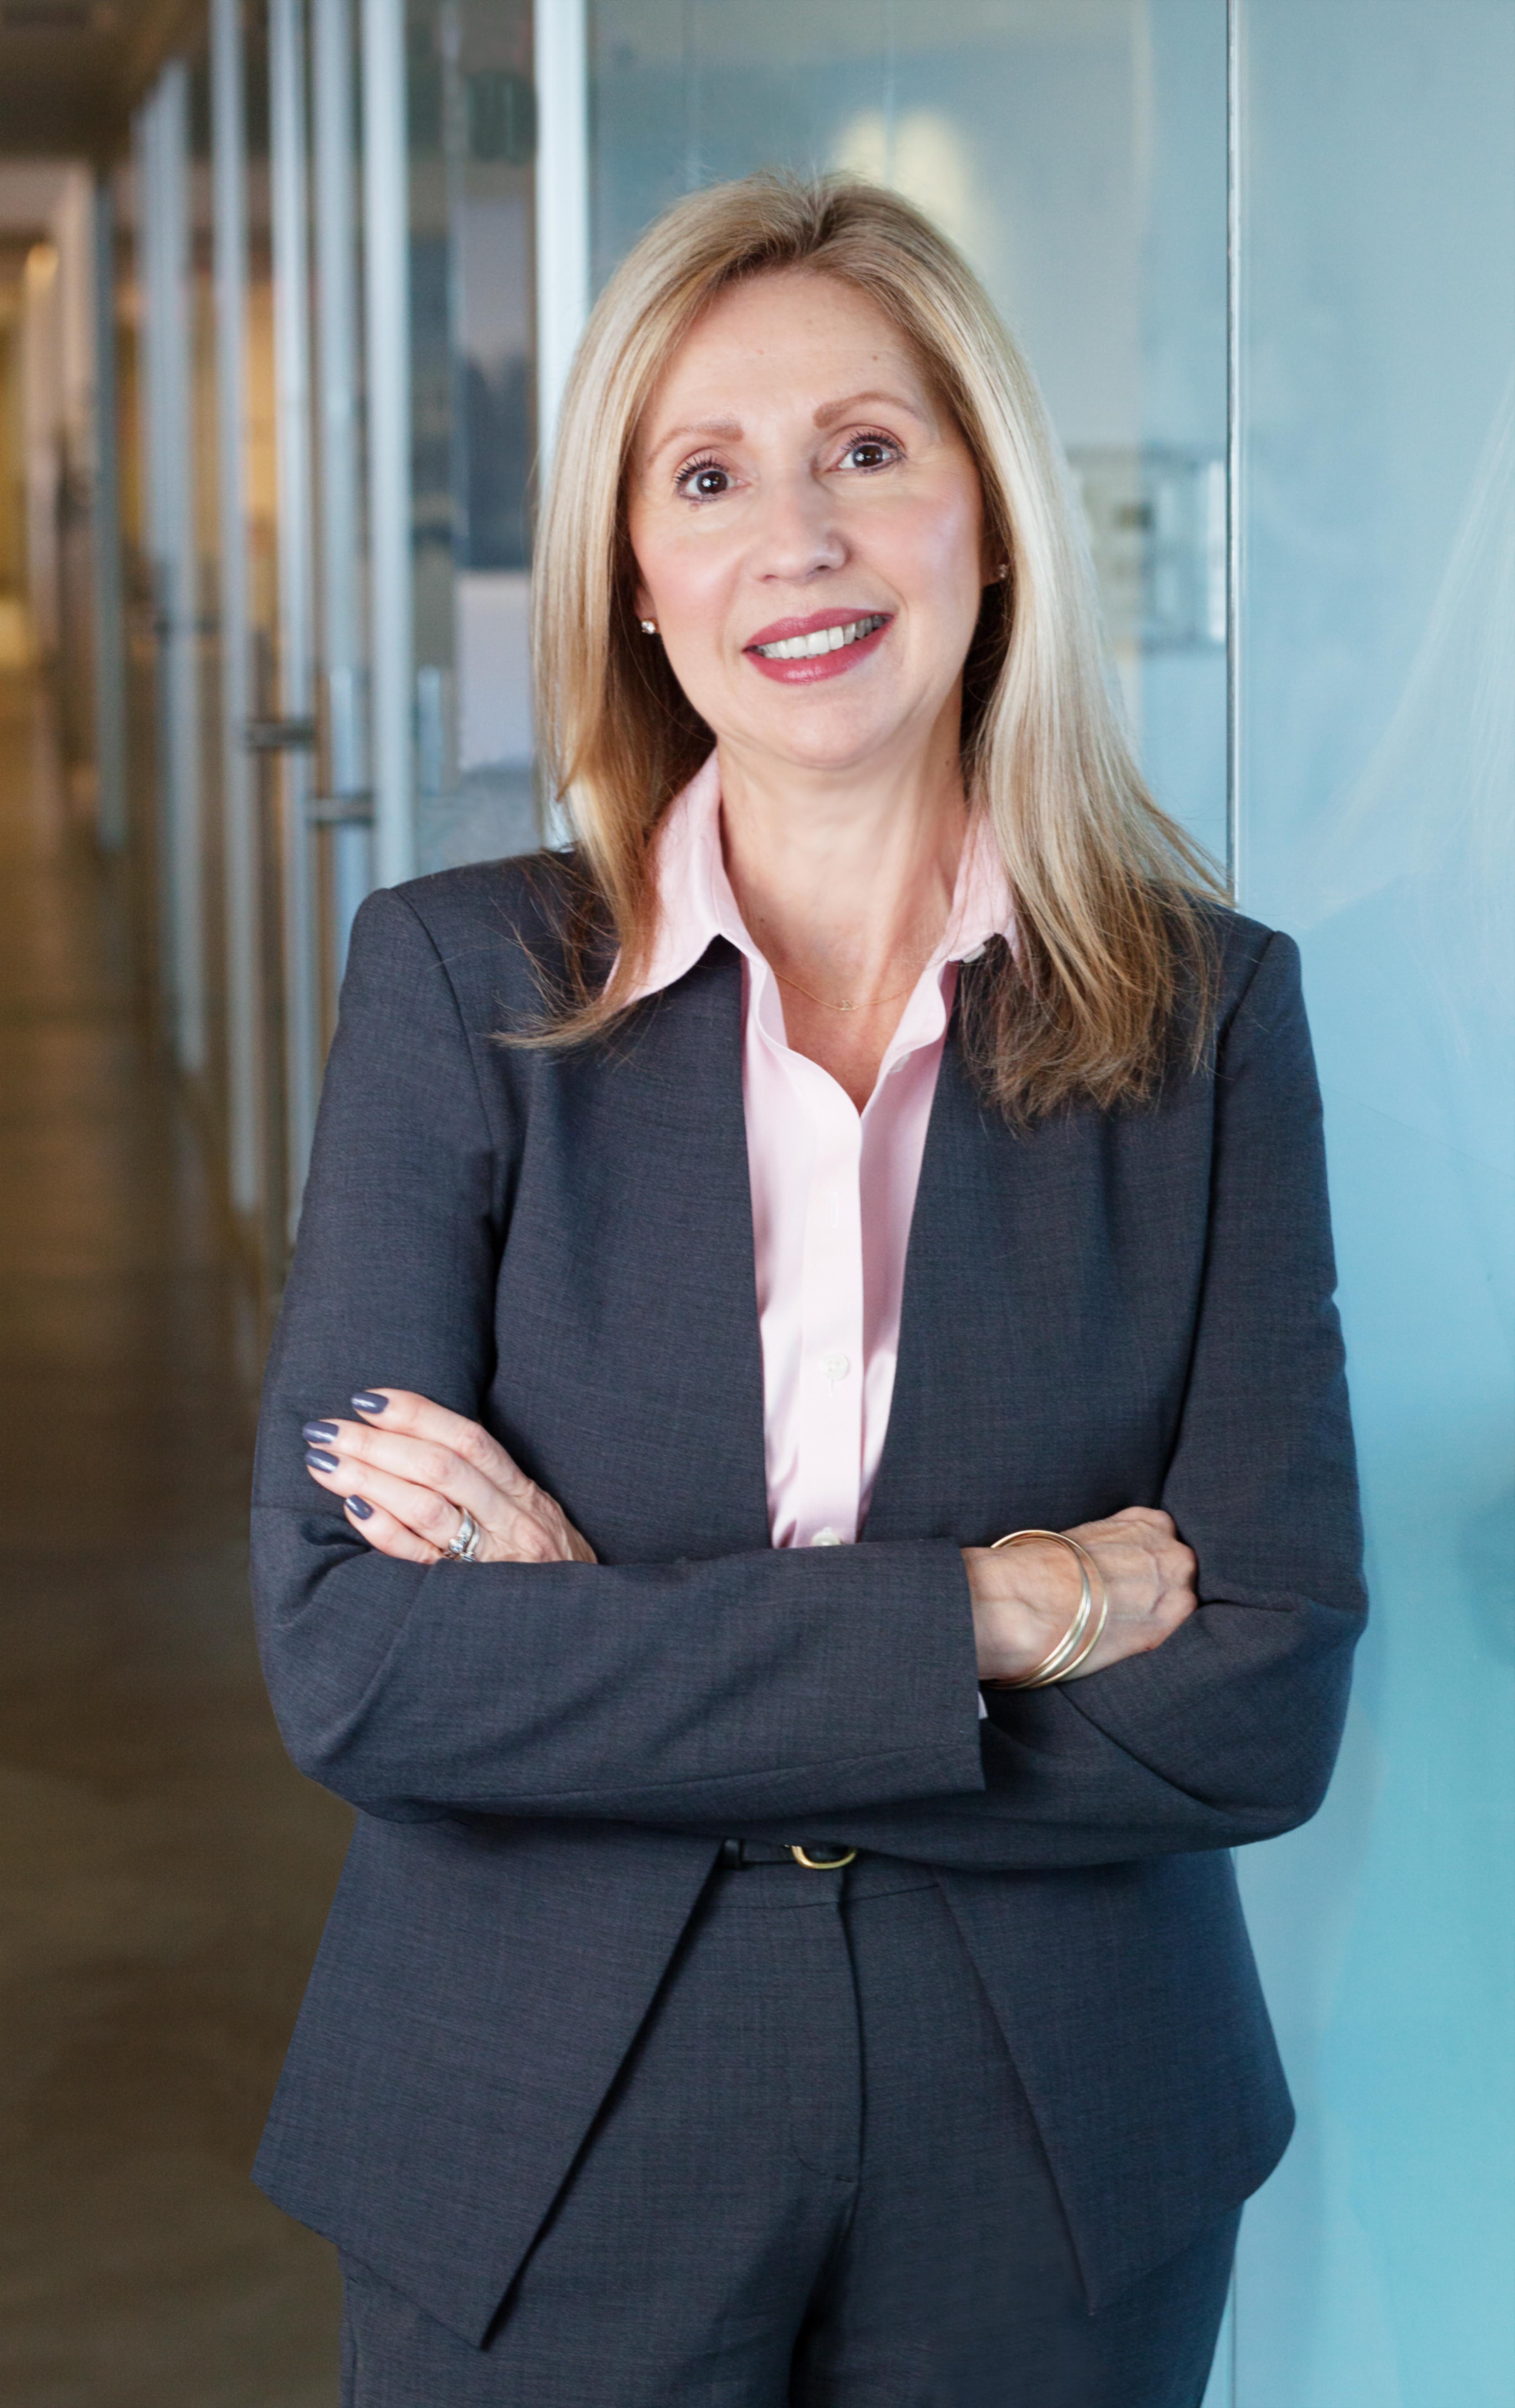 Emma DeVito,CEO is pictured